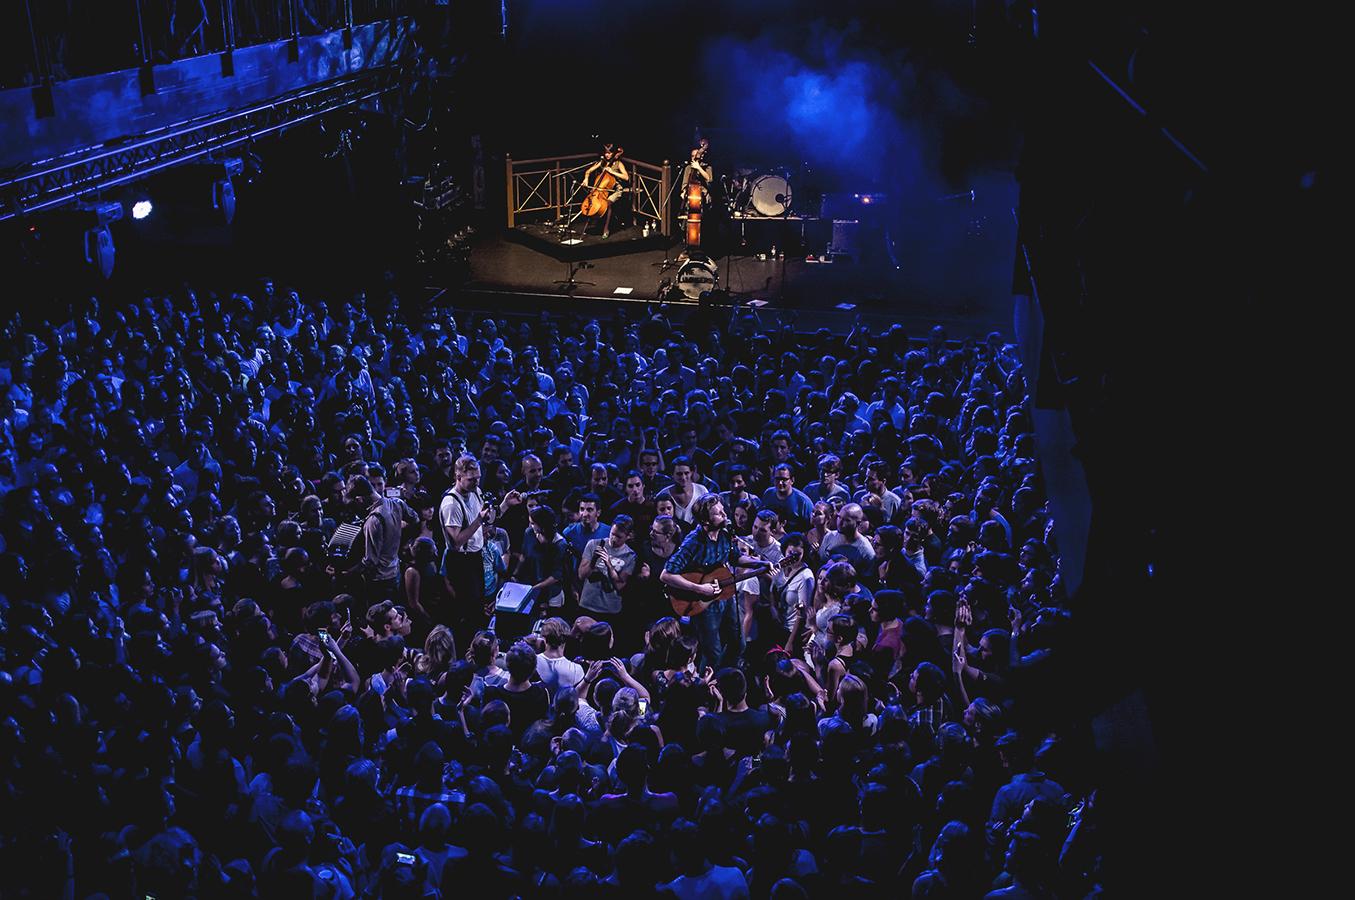 TheLumineers_Live_Concert_Zurich_SilvanoZeiter_2.jpg